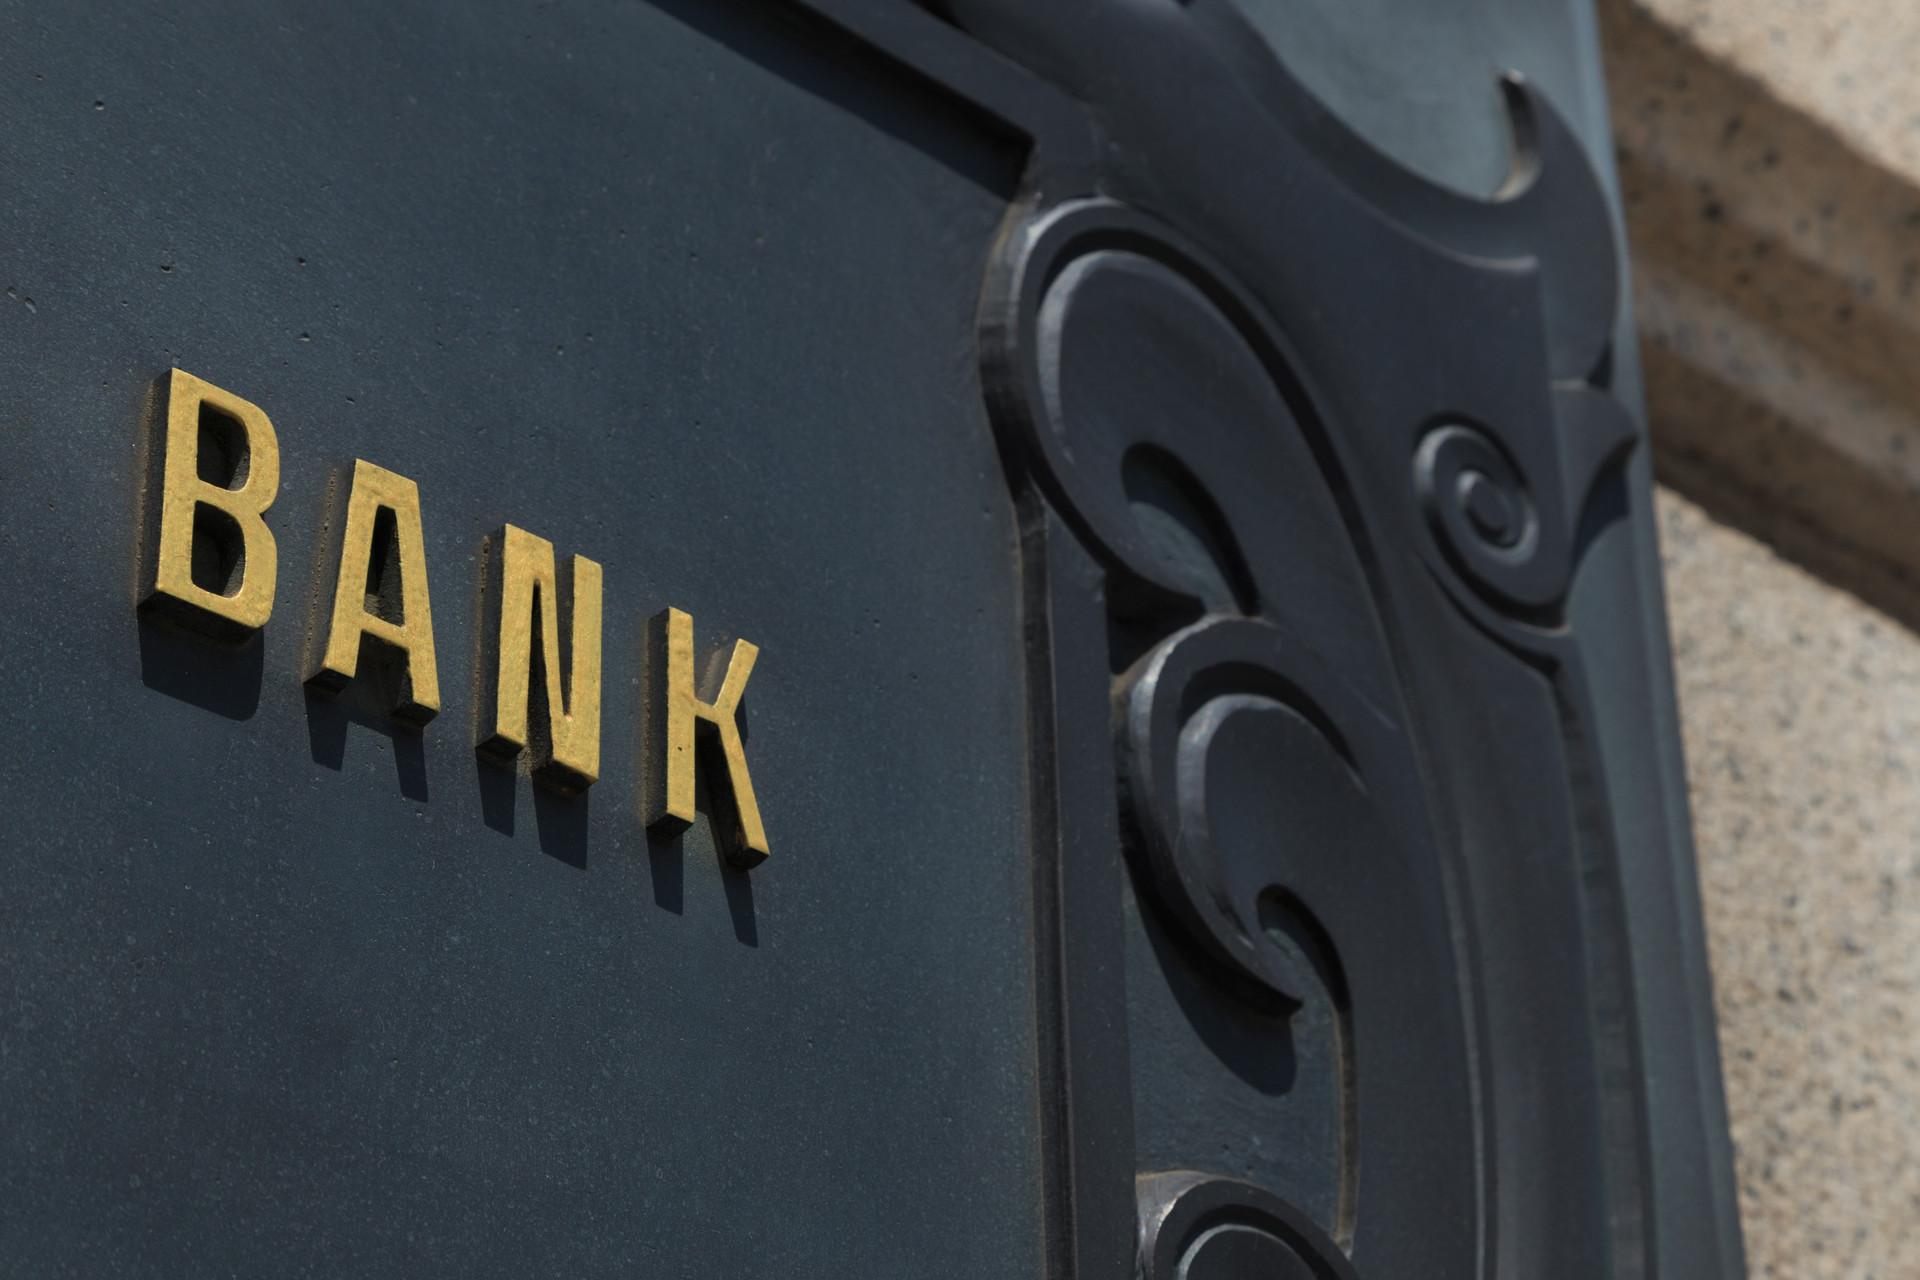 银保监会就现场检查办法征求意见 为现场检查搭建制度框架